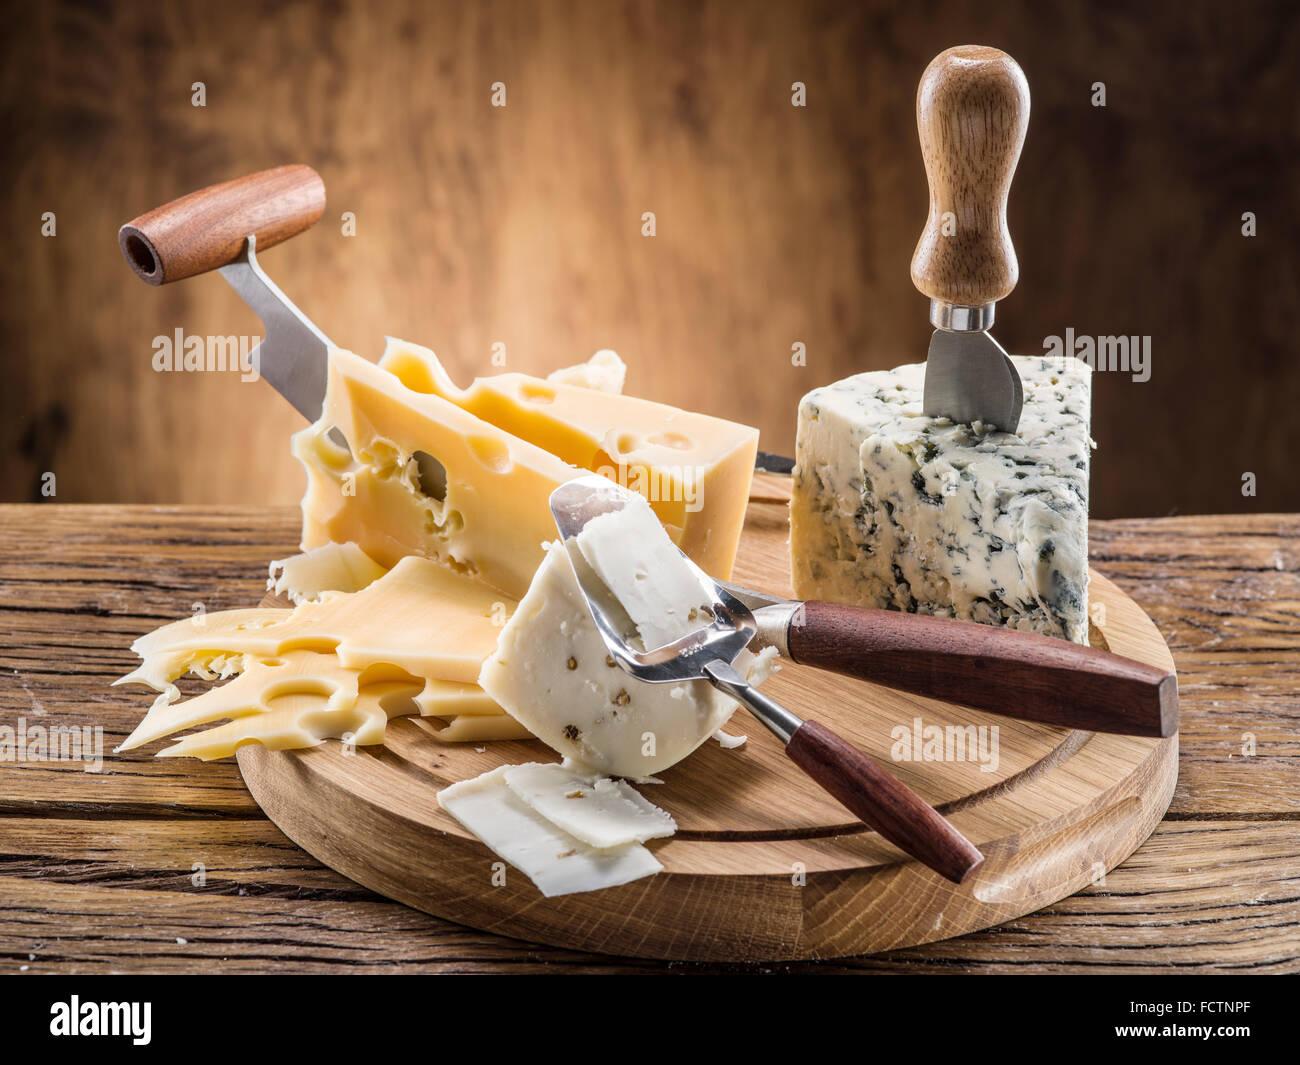 Variété de fromages sur une planche de bois. Photo Stock